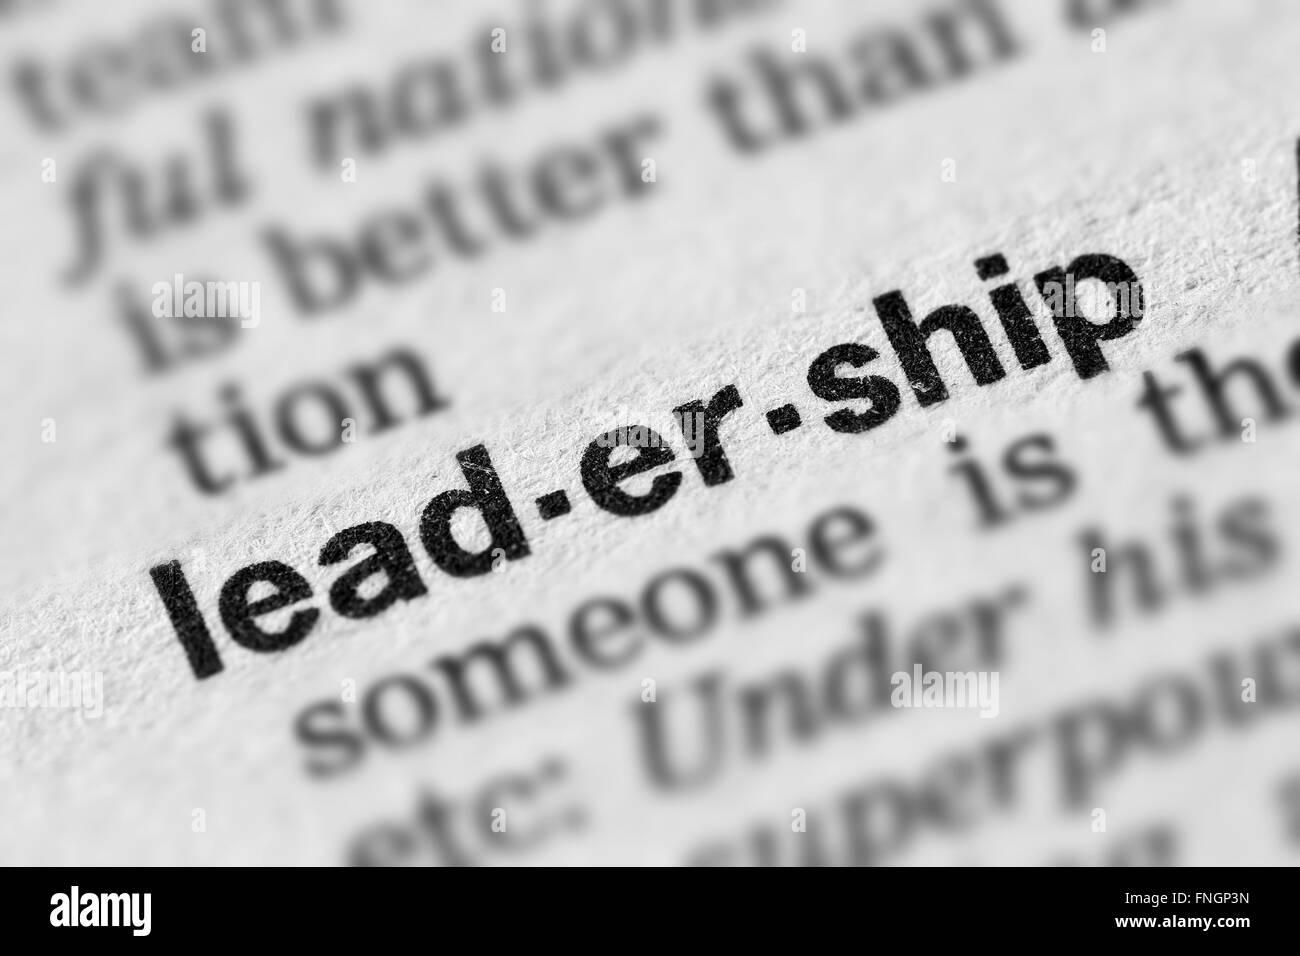 Definizione di Leadership parola testo nella pagina del dizionario Immagini Stock